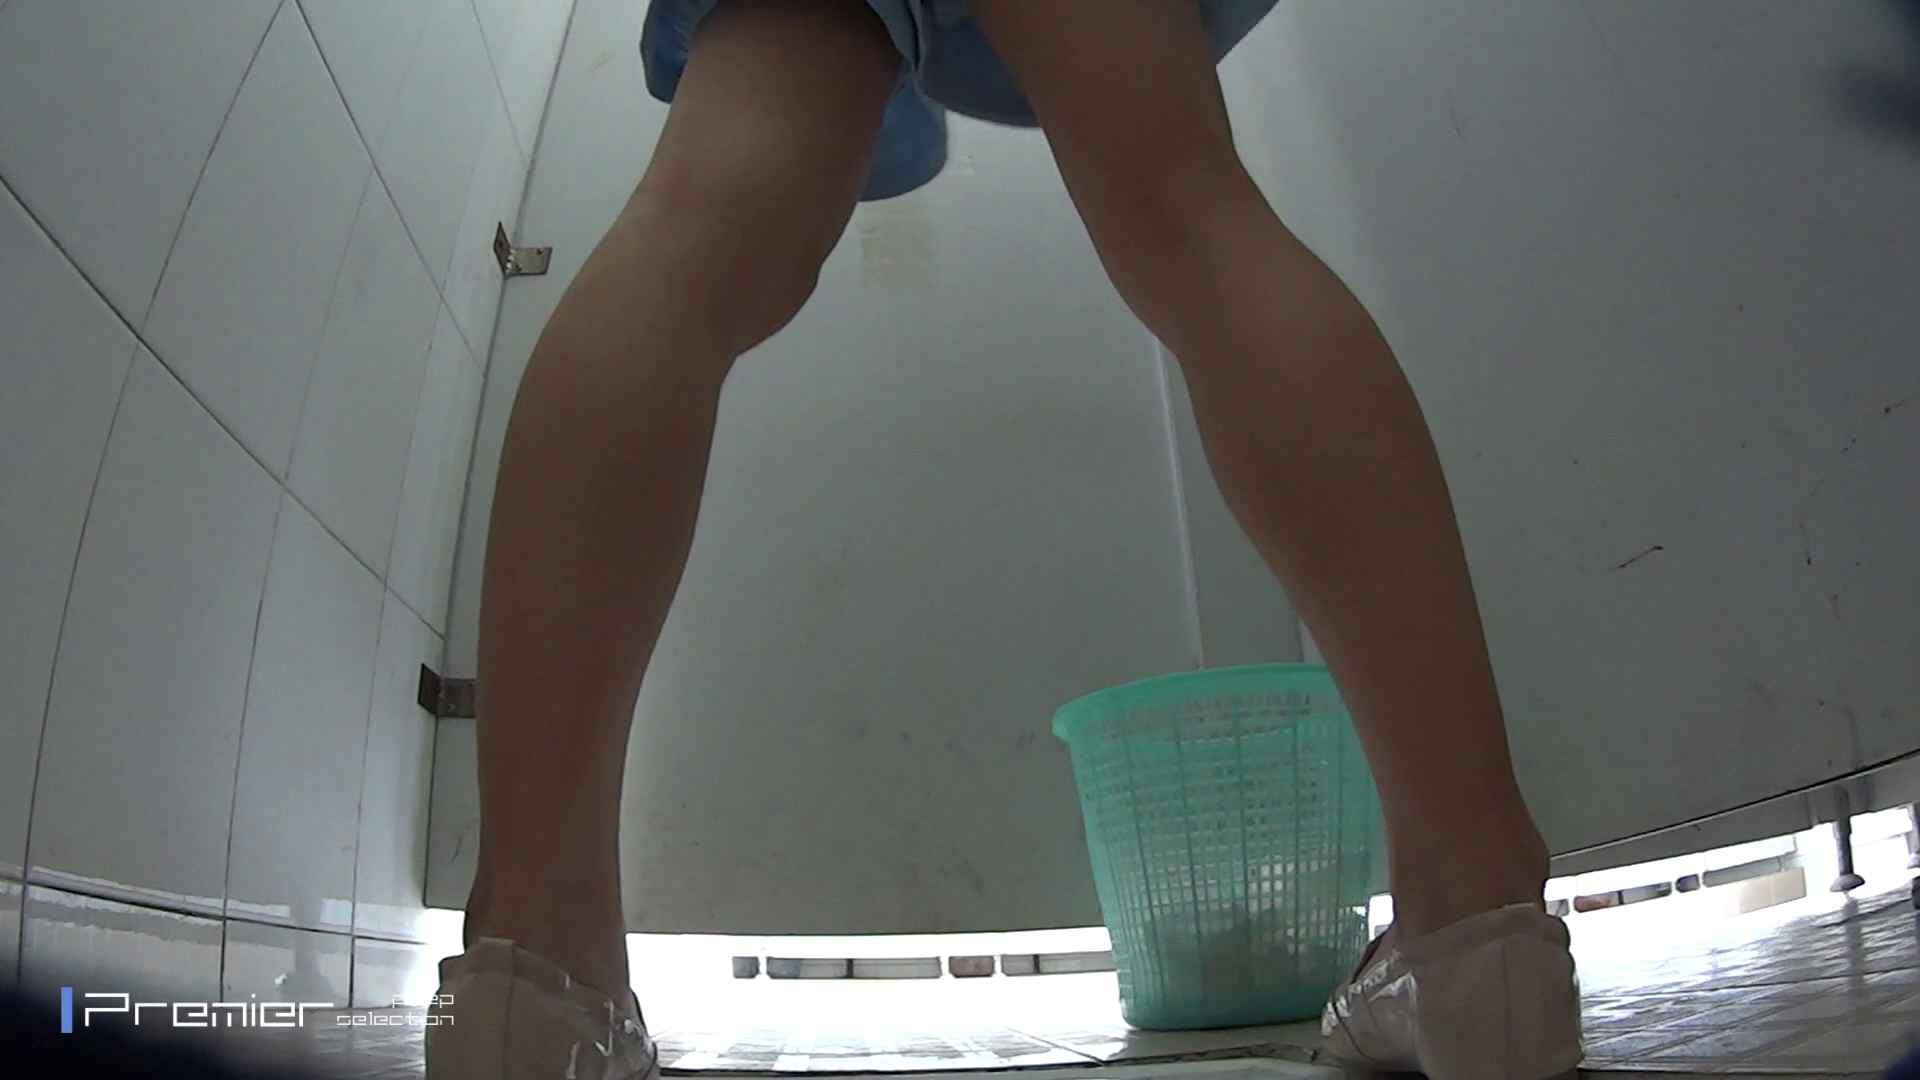 美しい女良たちのトイレ事情 有名大学休憩時間の洗面所事情06 美肌 オメコ無修正動画無料 90枚 5